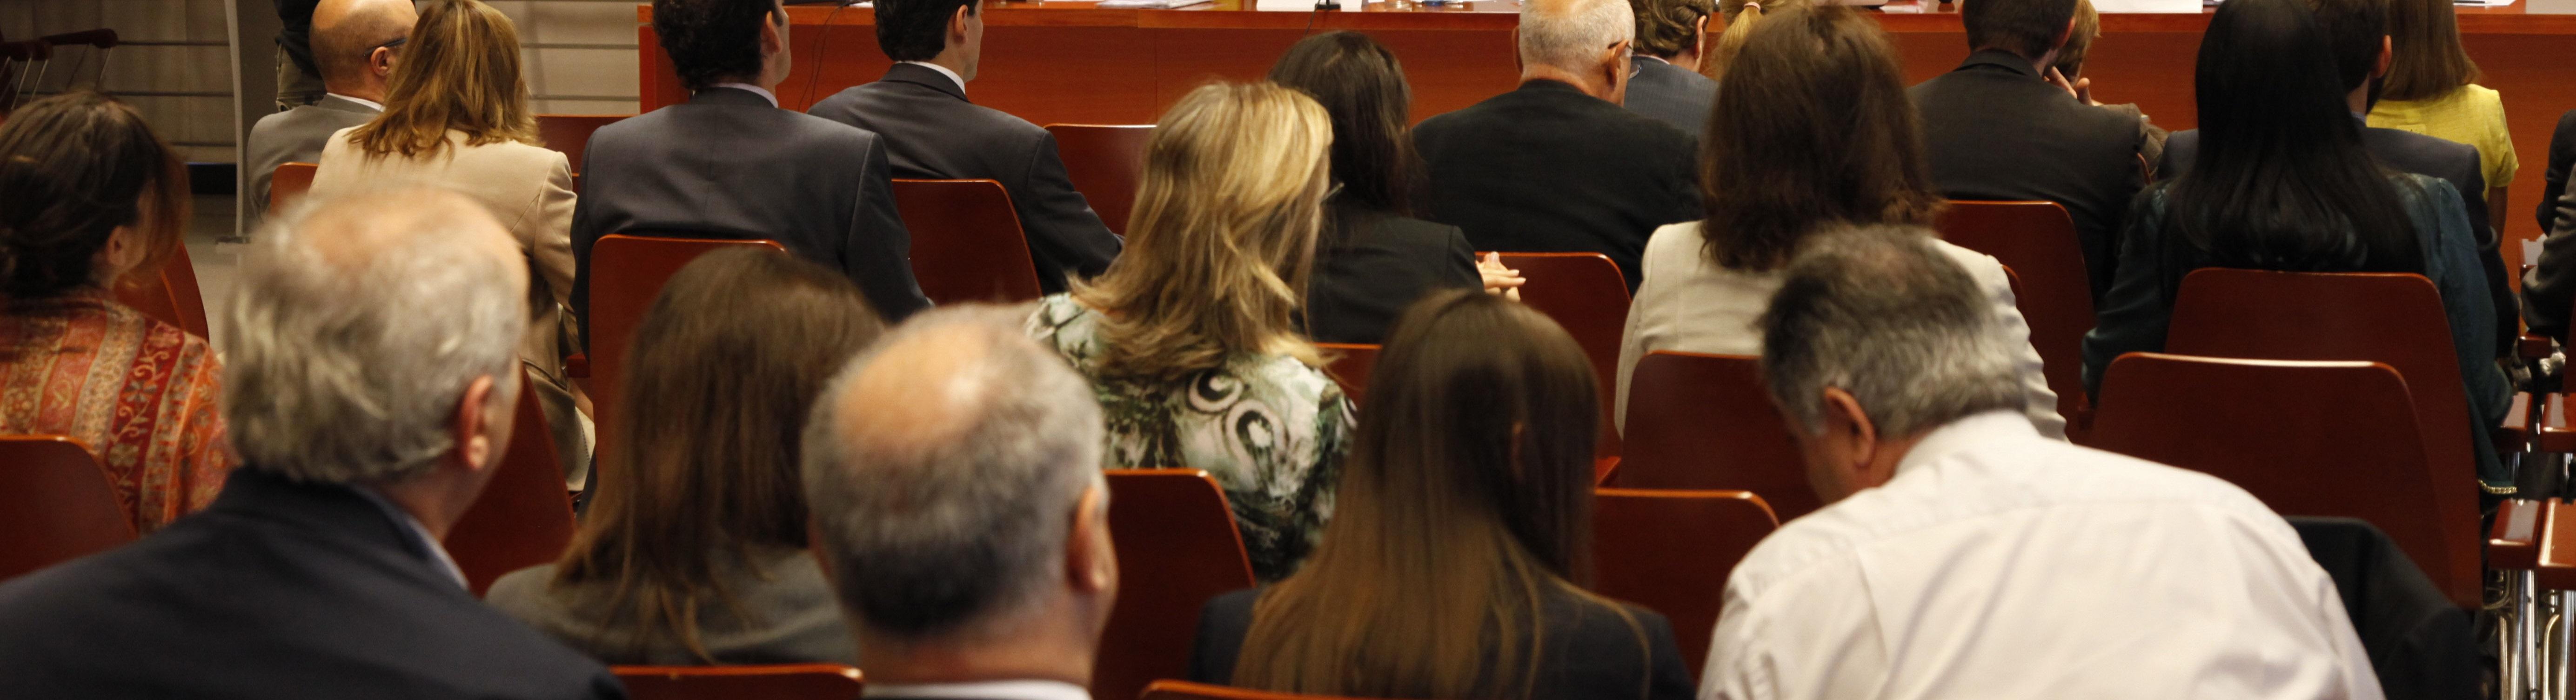 PREVENCIÓN DE RESPONSABILIDADES PENALES EN EL ÁMBITO DE LA EMPRESA